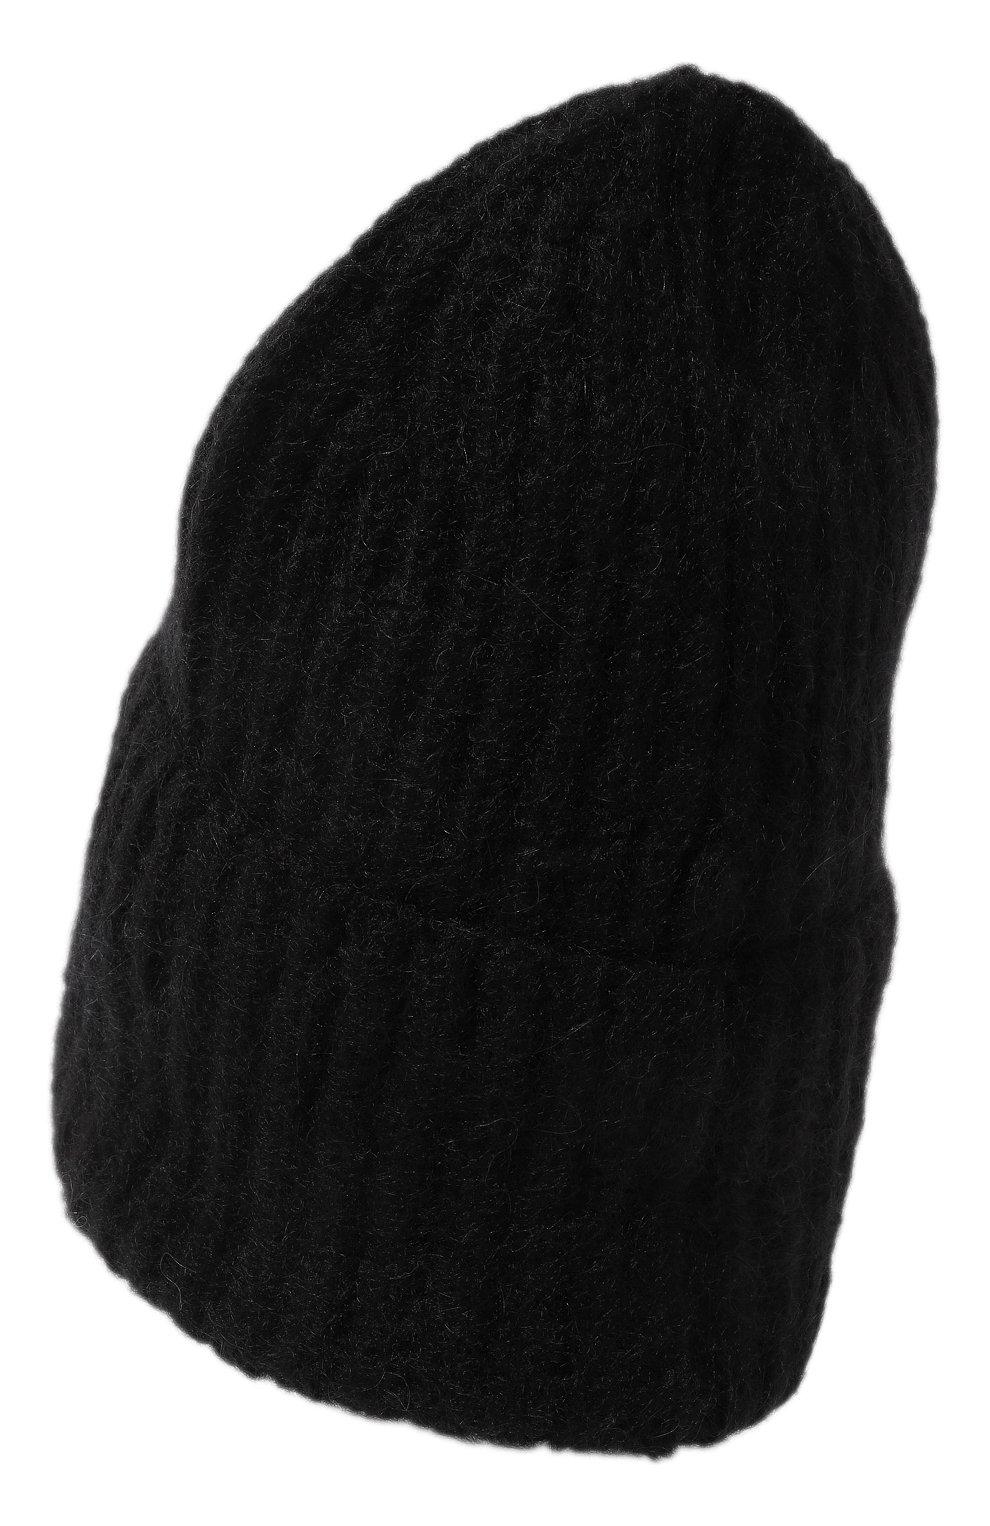 Женская шапка TAK.ORI черного цвета, арт. AC043MW018PF17   Фото 3 (Материал: Текстиль, Шерсть, Синтетический материал; Статус проверки: Проверено, Проверена категория)